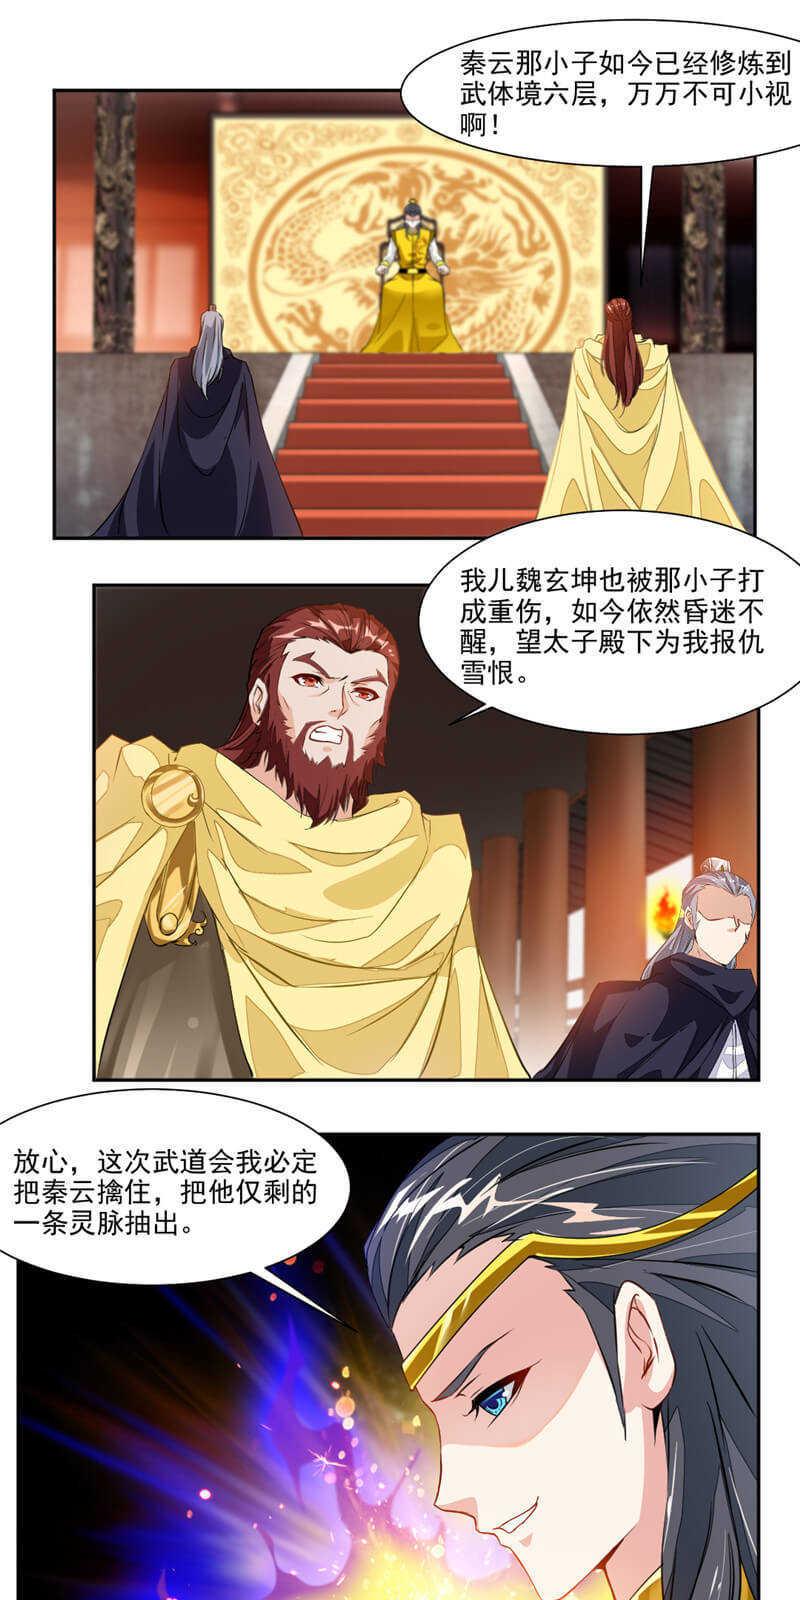 九阳神王第38话  潜龙武道会即将开始? 第 16